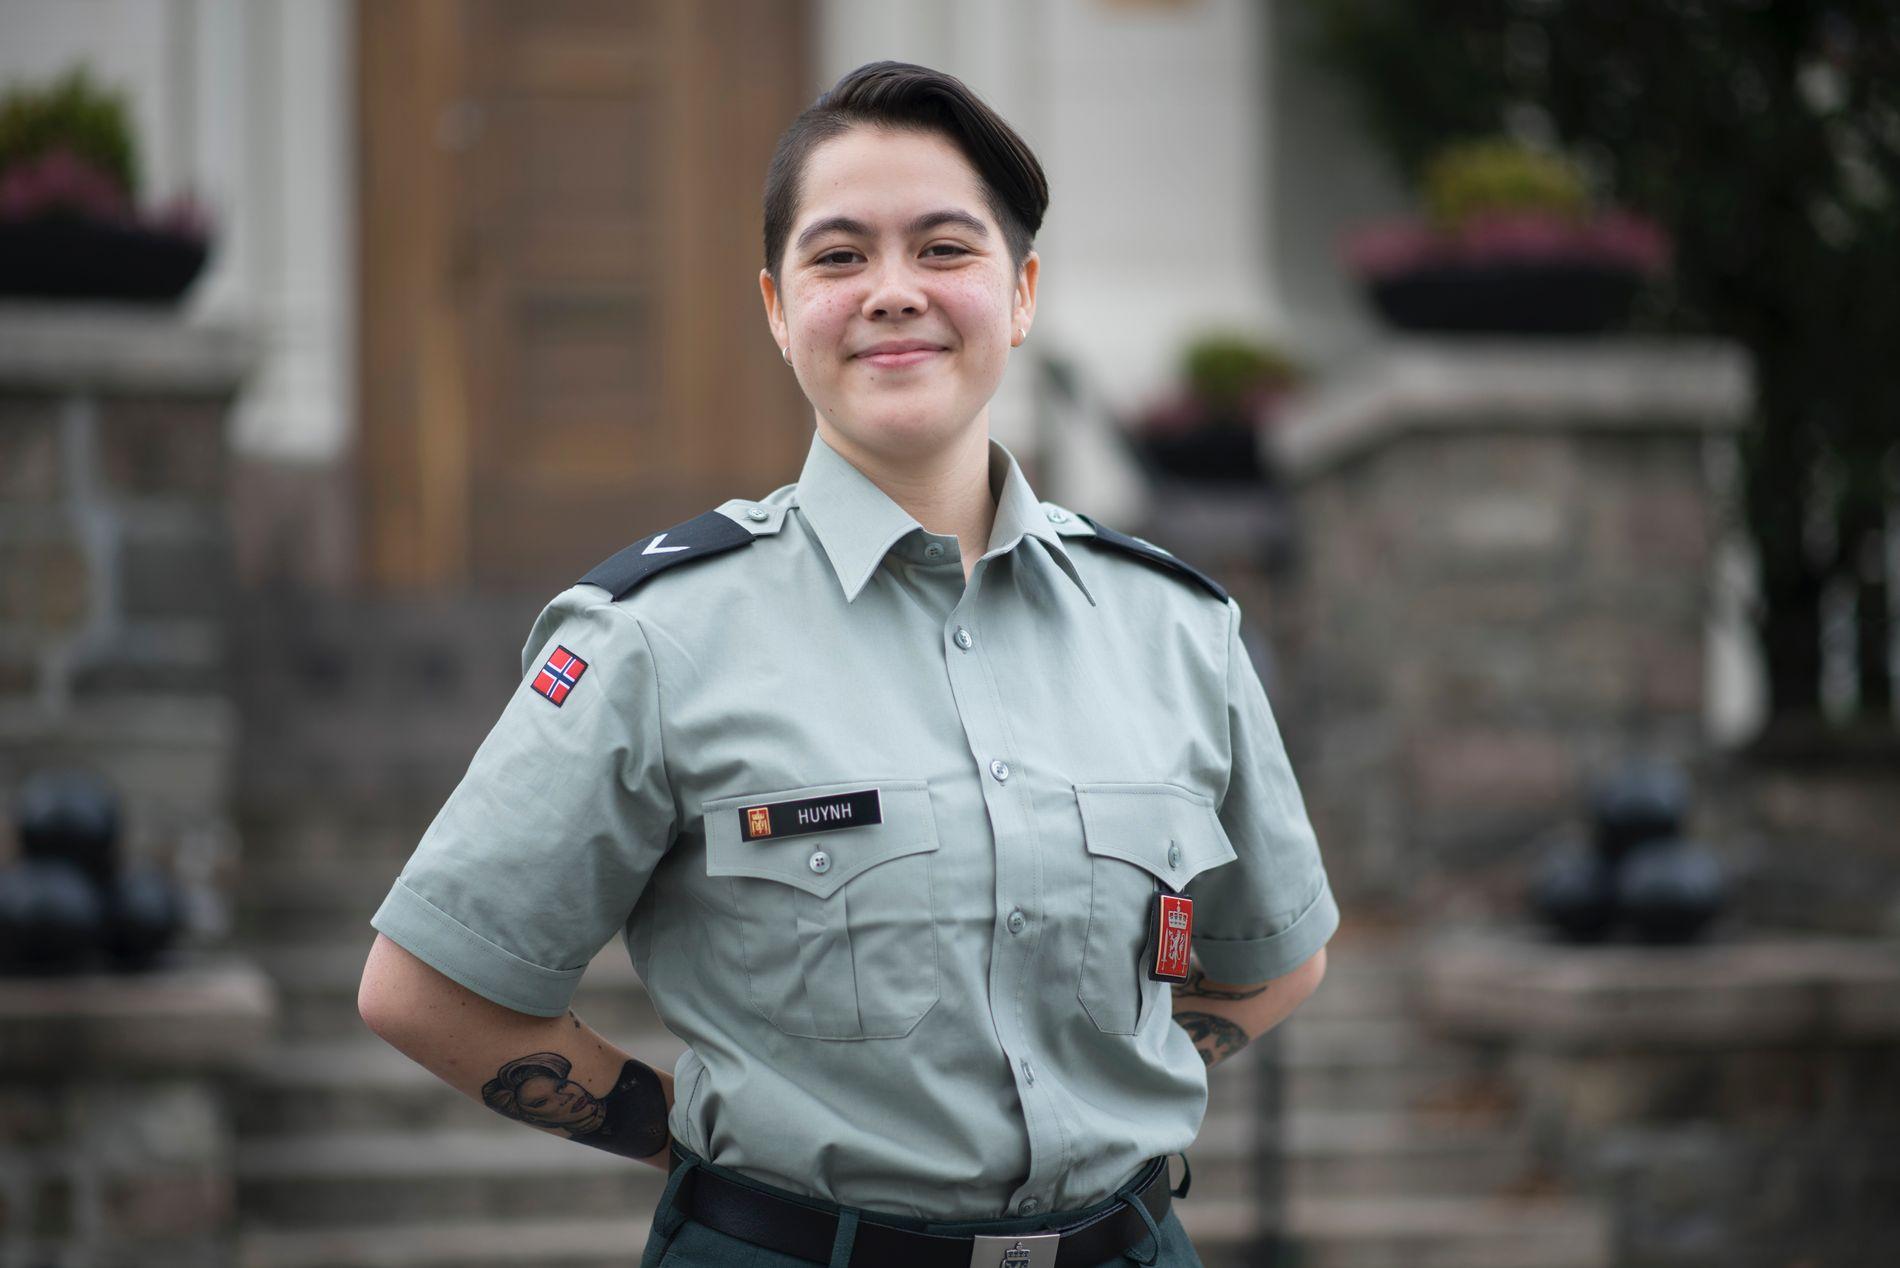 VIL HA KONSEKVENSER: Landstillitsvalgt Lise Veronica Huynh sier det å trakassere, mobbe og utøve vold mot sine medsoldater må få tydeligere konsekvenser.